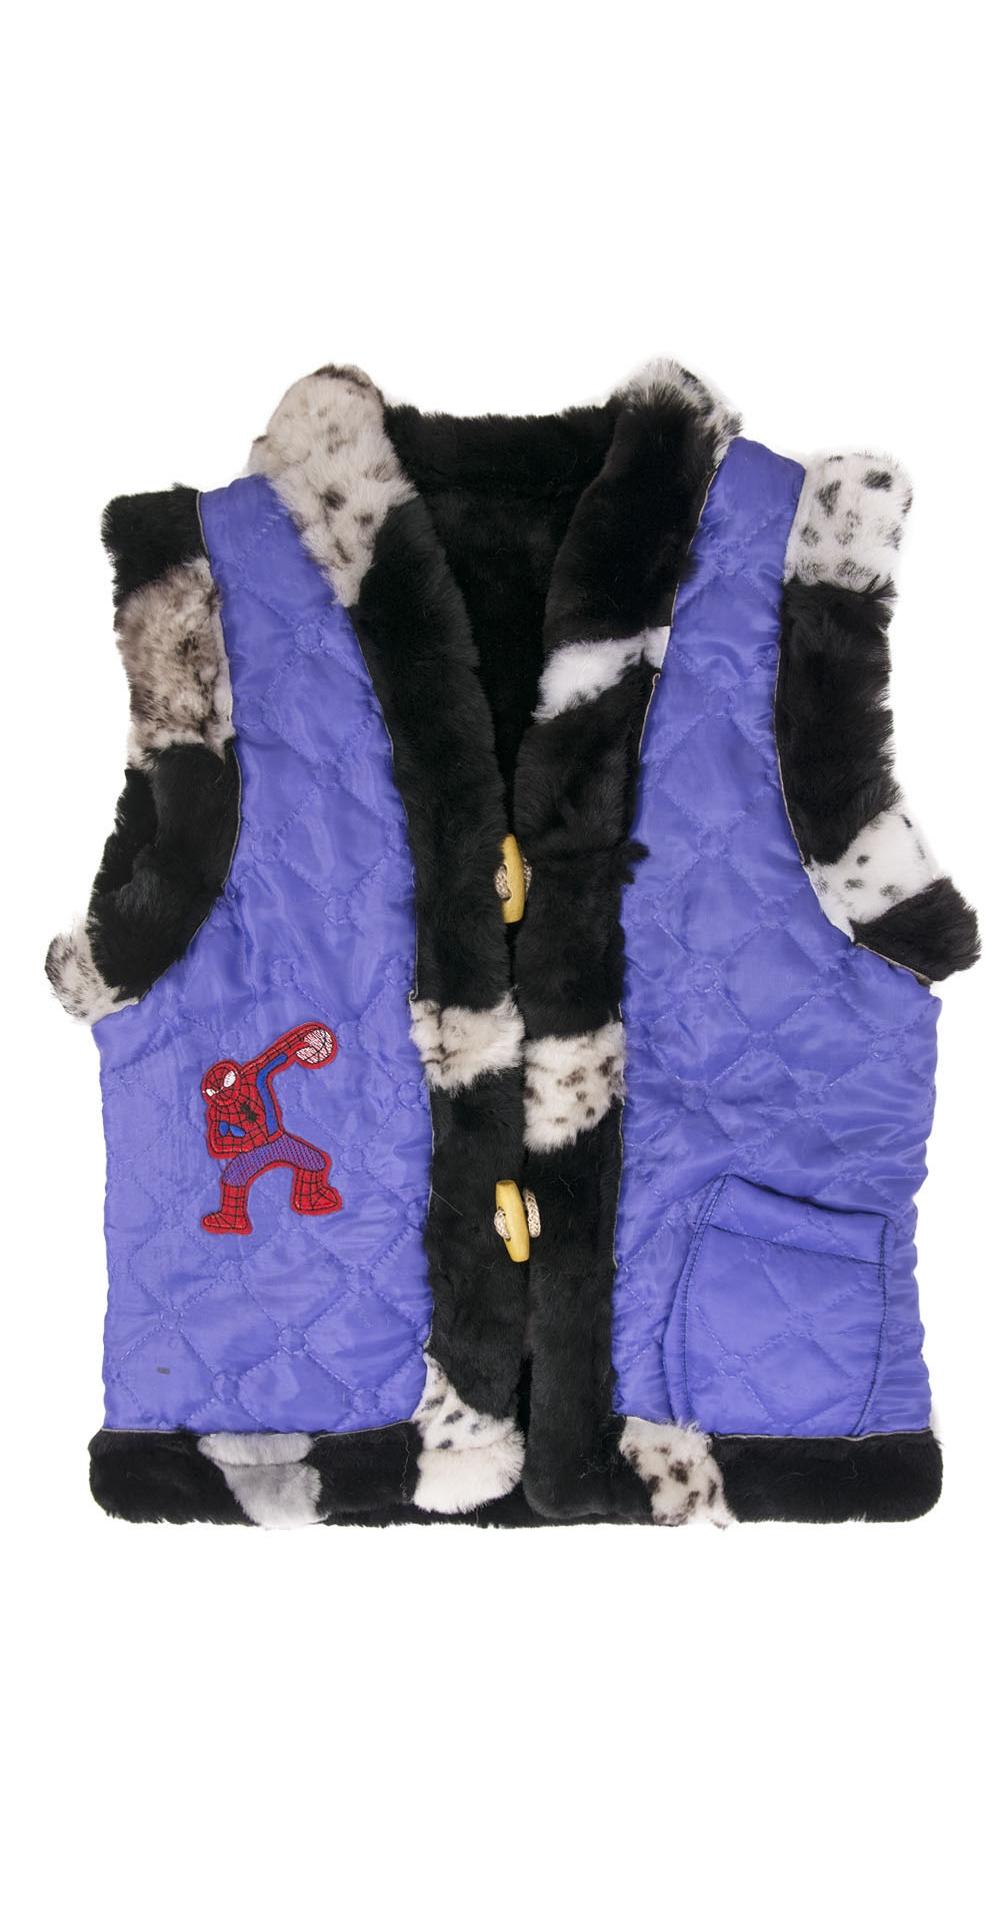 Жилет детский из мутона, цвет: В ассортименте, отделка Текстиль - купить за 1900 в магазине - Гипермаркет меха